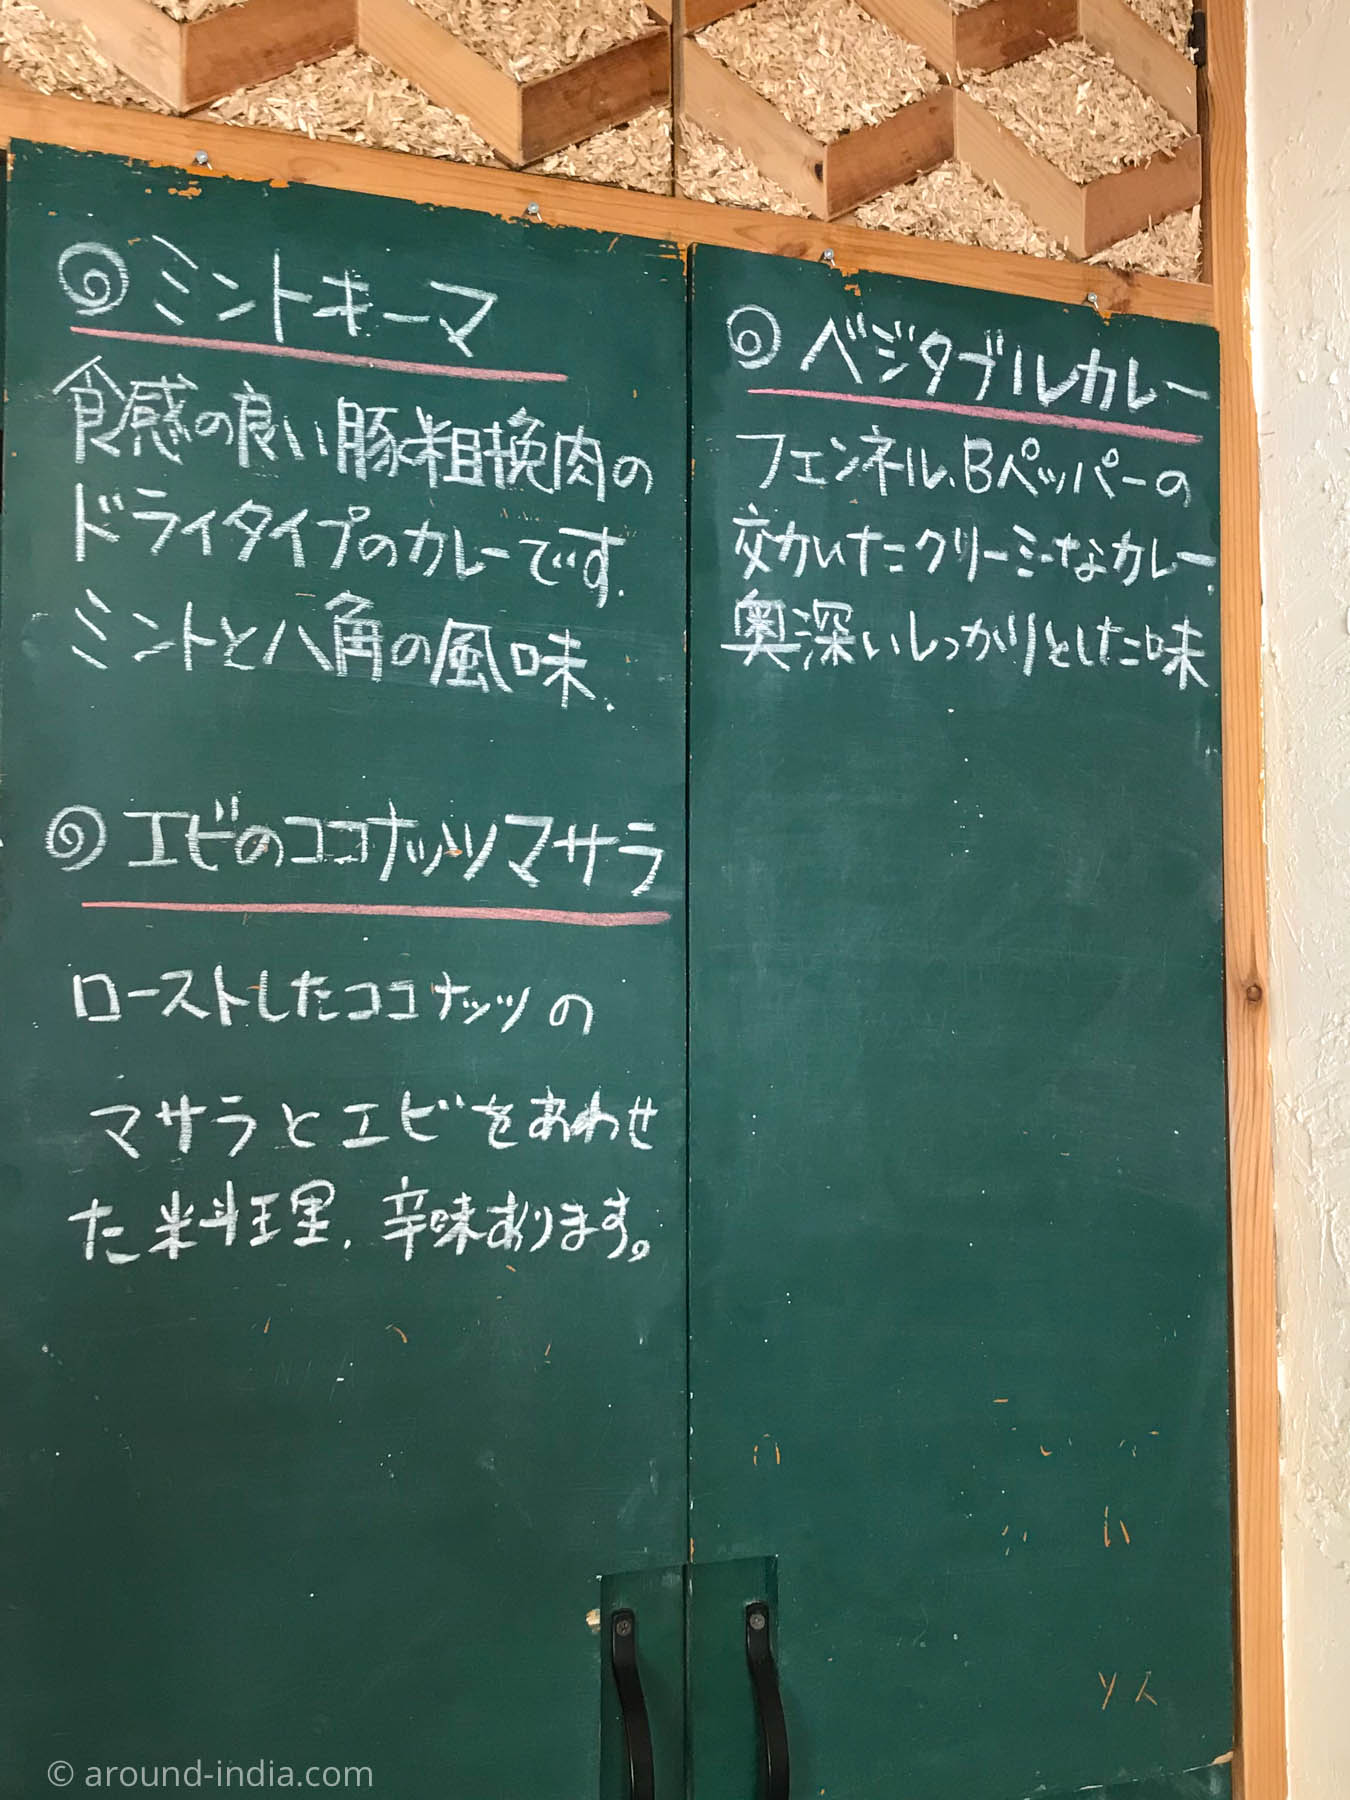 鎌倉バワン1月31日のメニュー